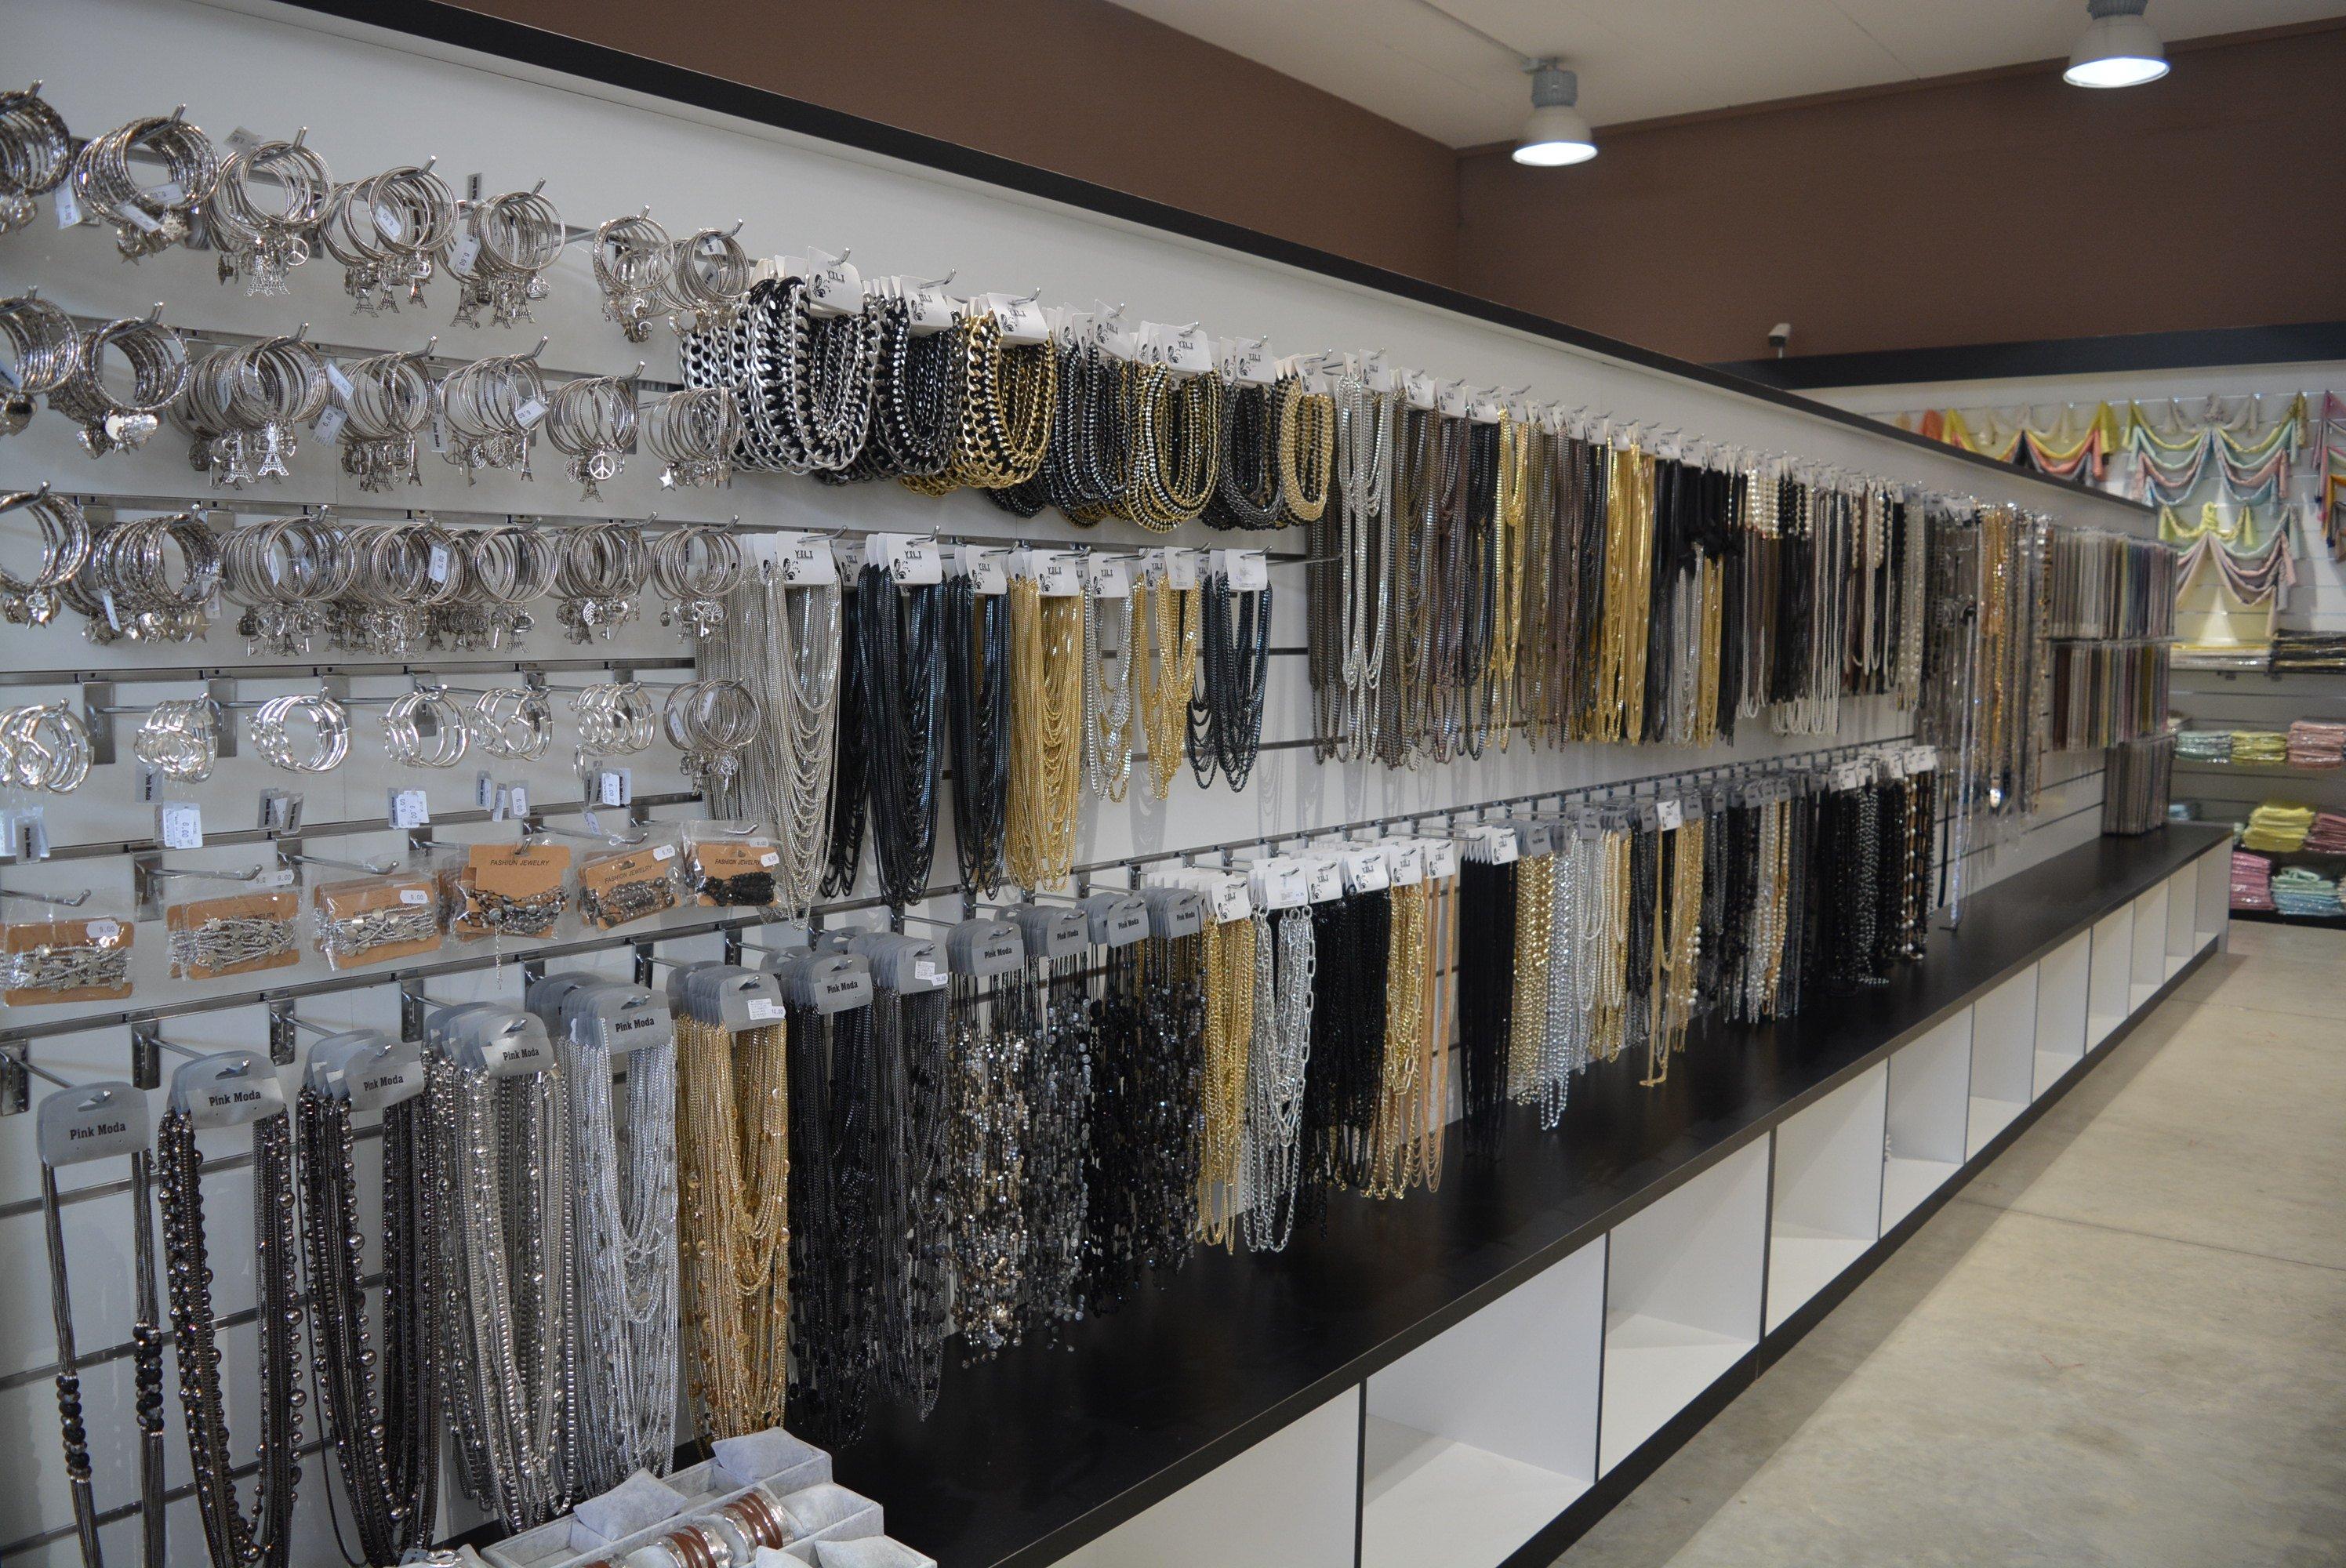 delle collane di color nero, oro e argento